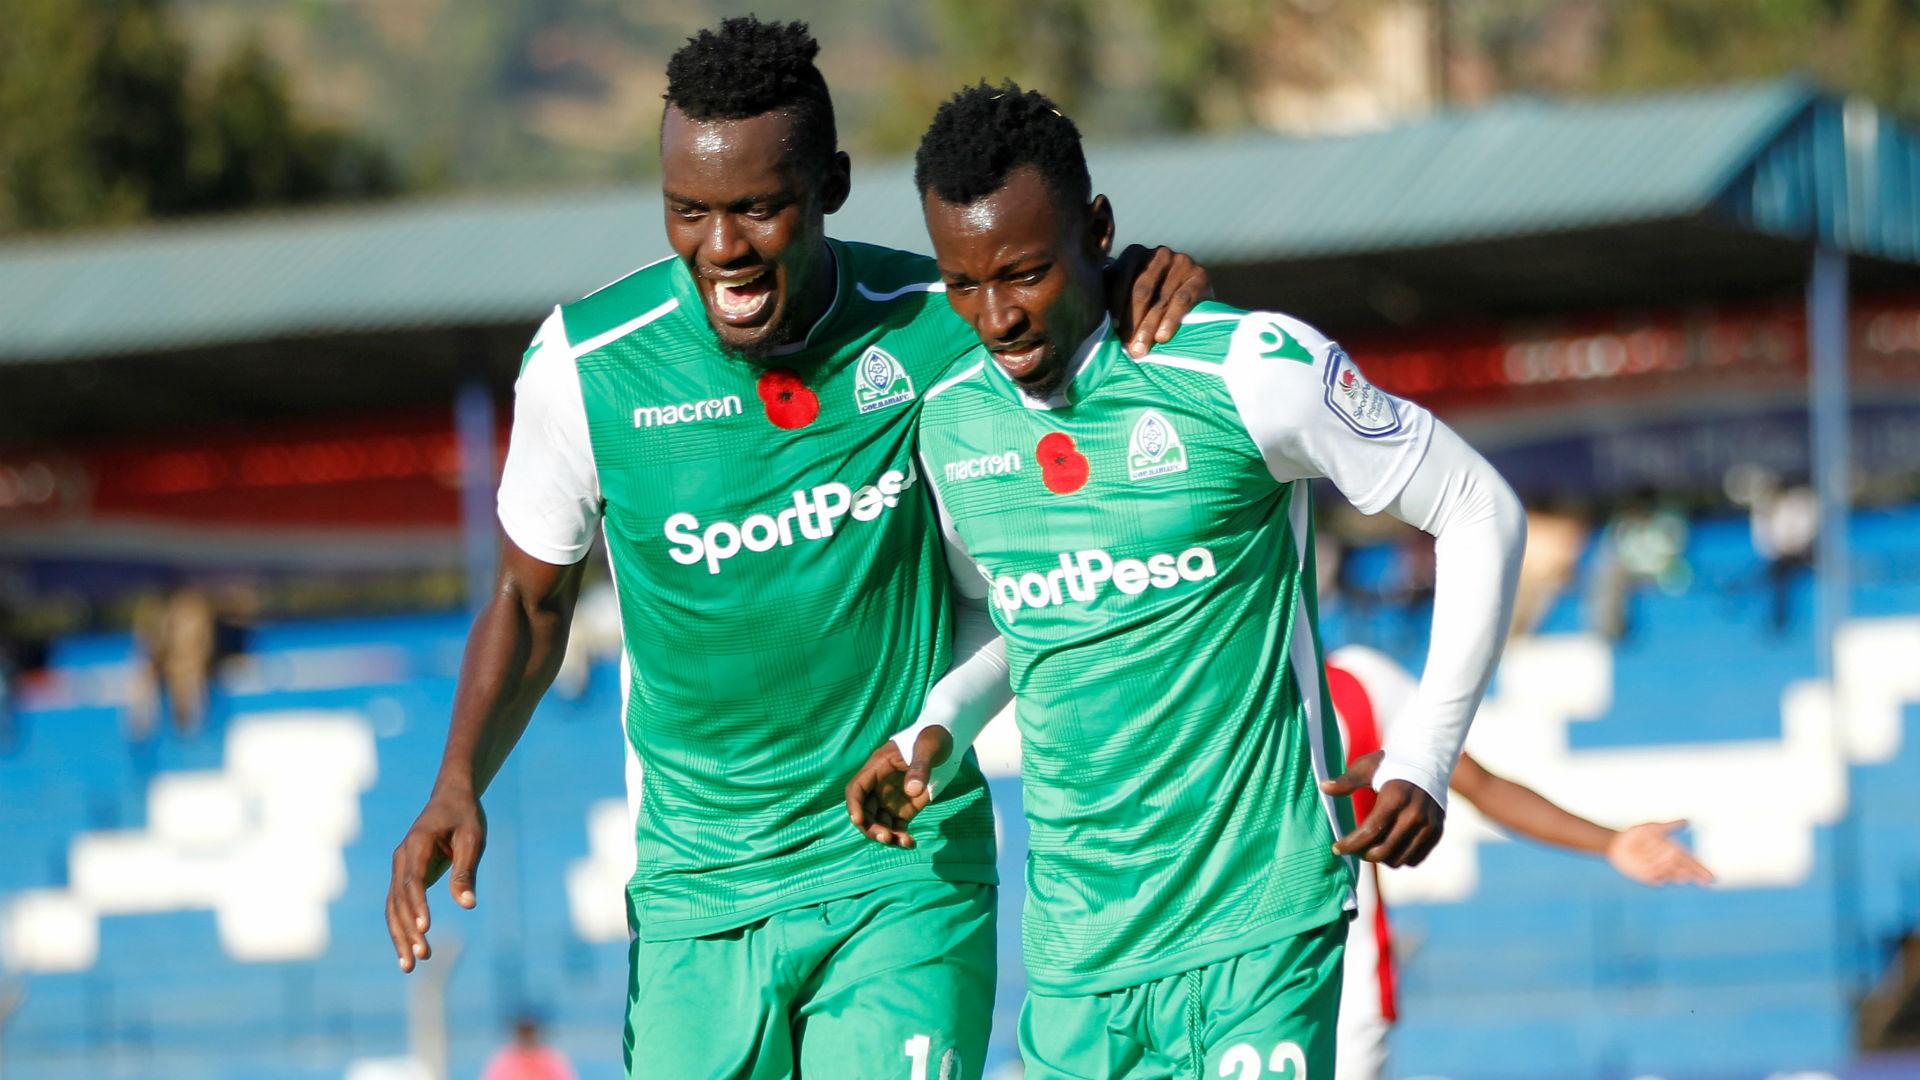 Patience made me Gor Mahia captain – Nkana FC's Shakava